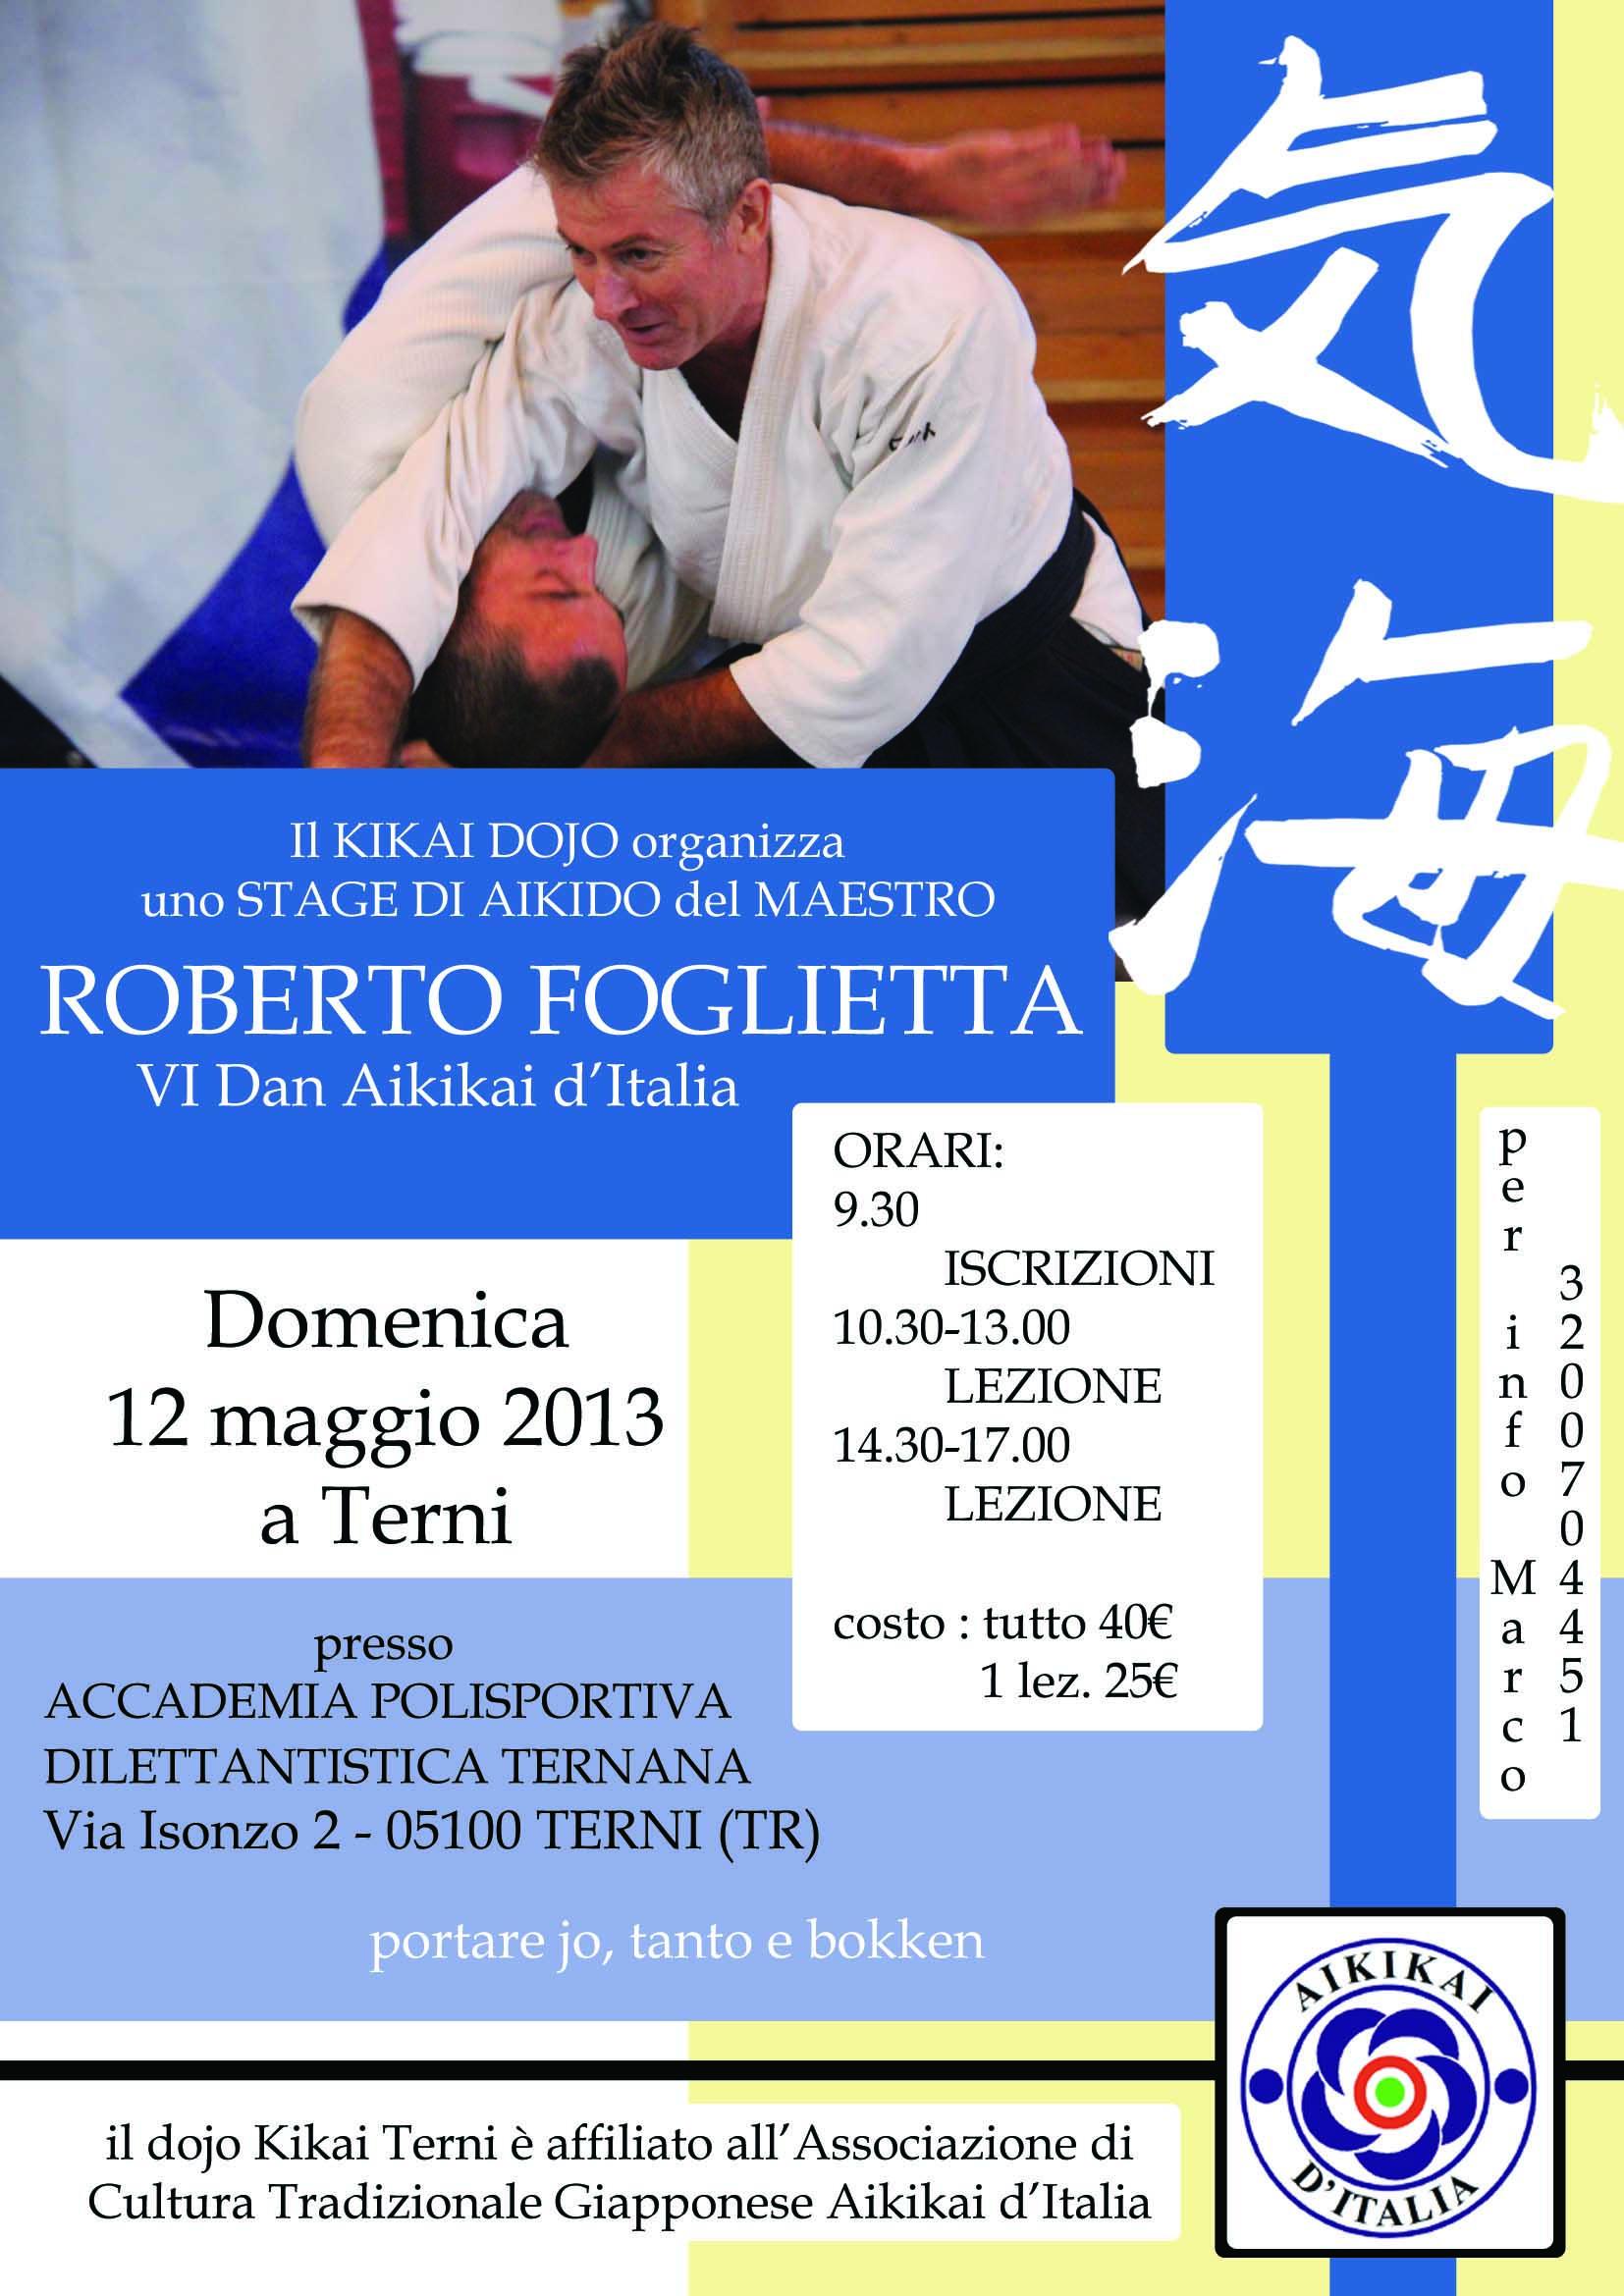 Foglietta Terni 12 maggio 2013 copy